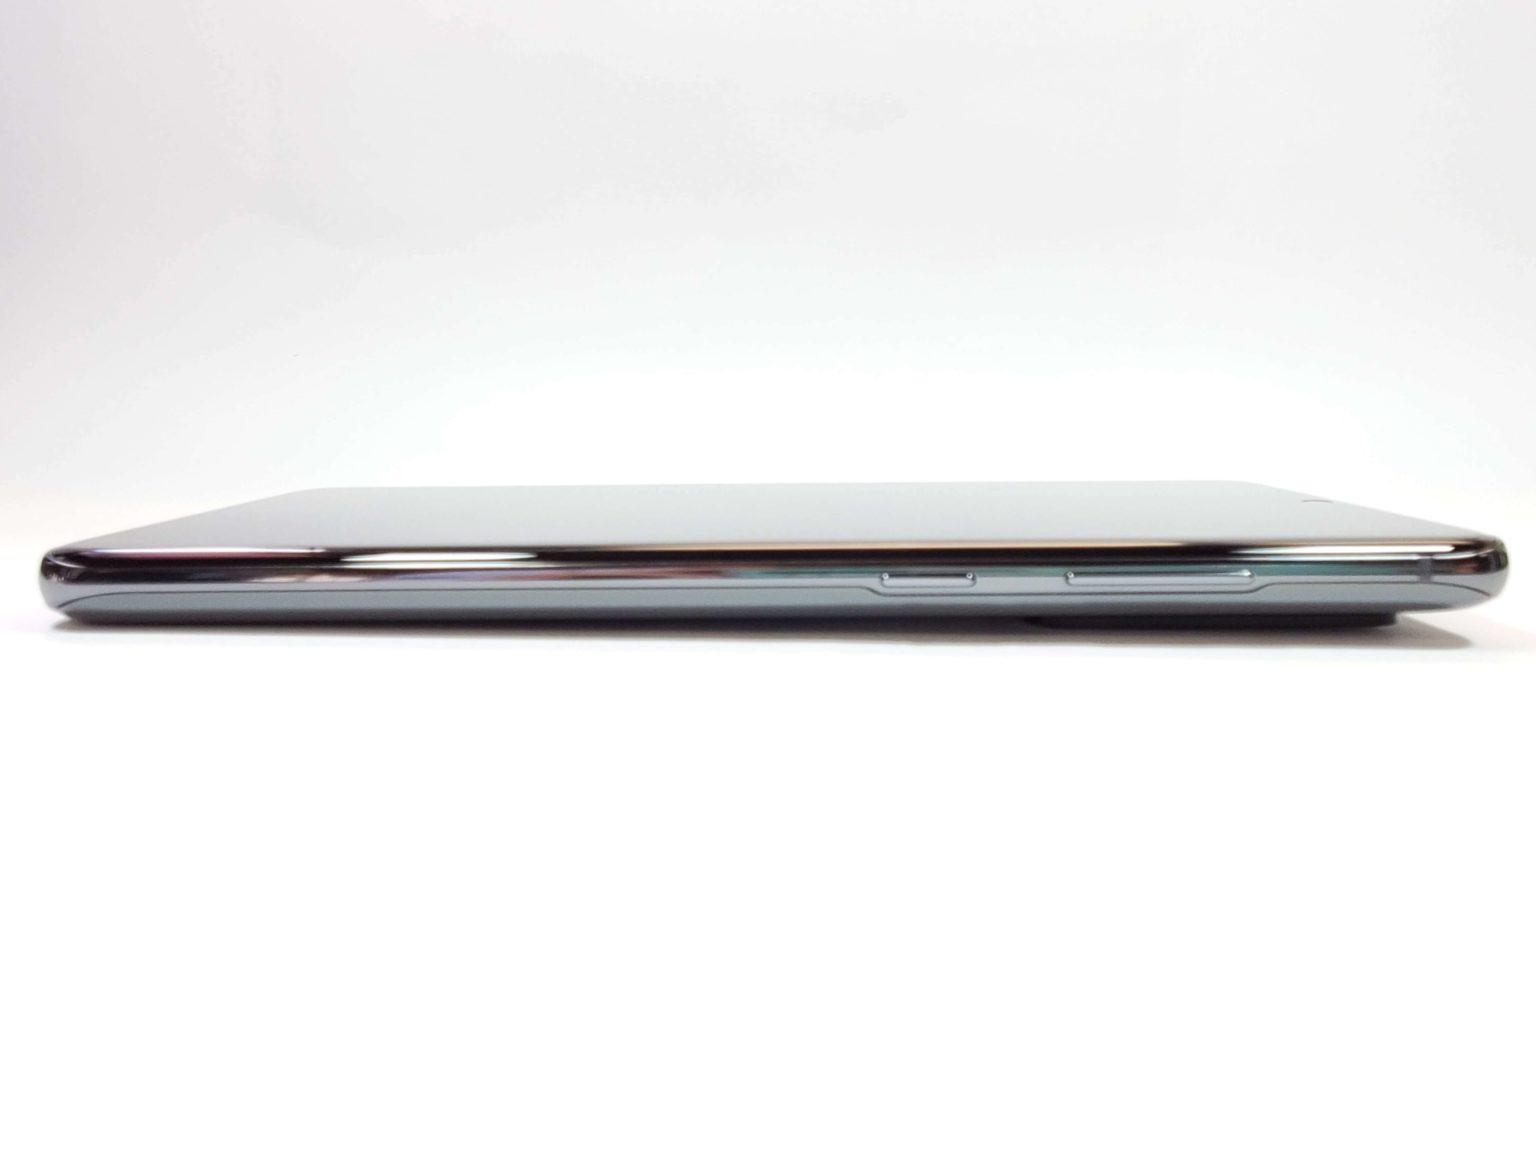 Galaxy S20 Ultra 右側側面